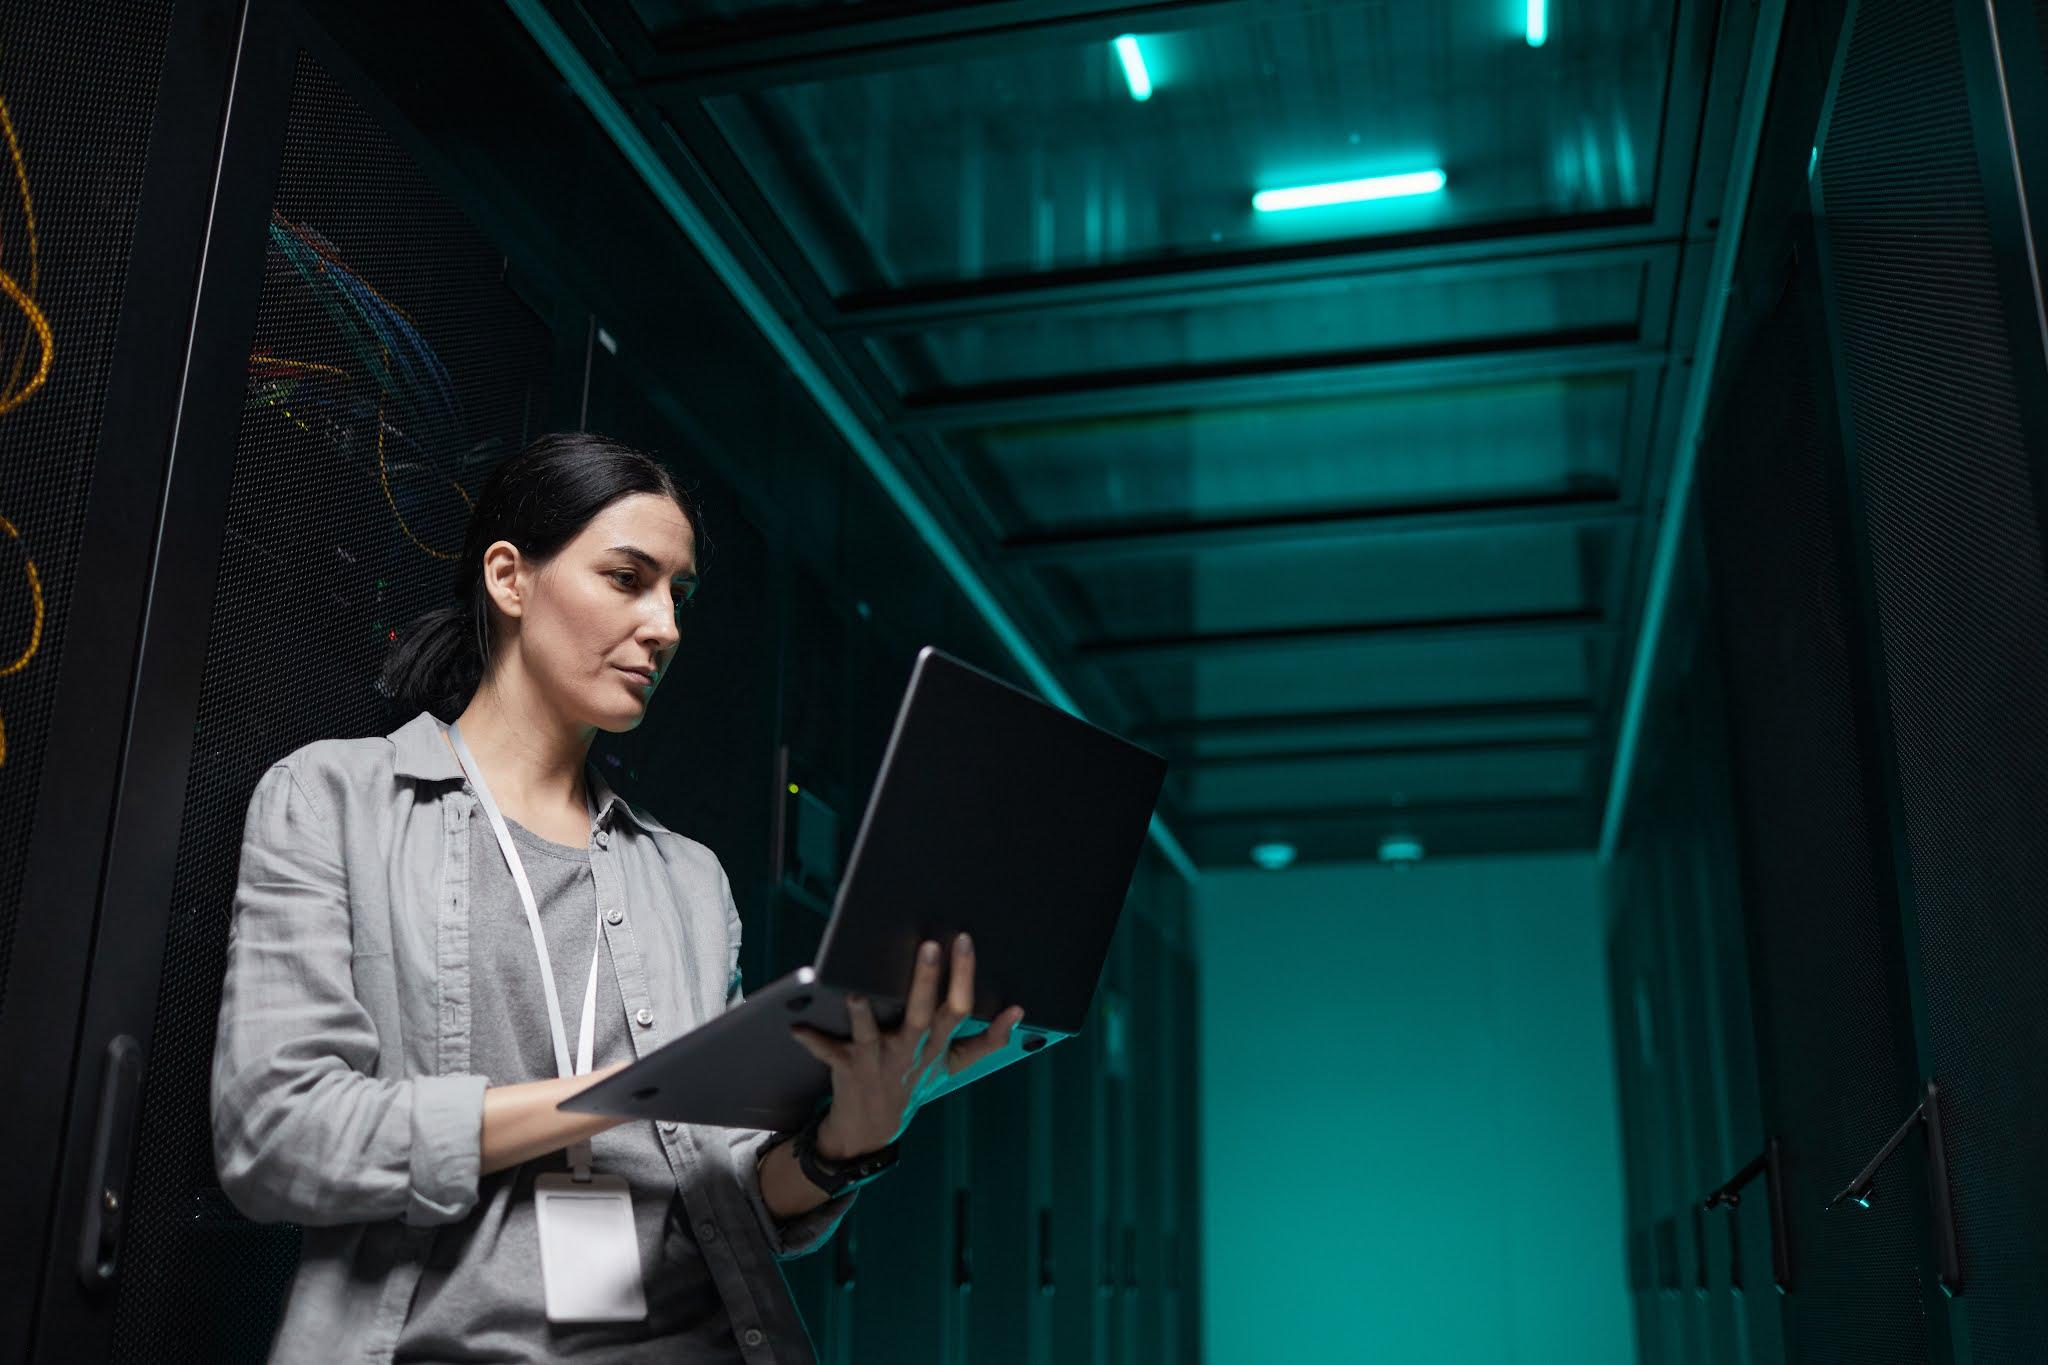 رائدات الأعمال business يدعمن مزايا الاقتصاد الرقمي لإنجاح قطاع الأعمال